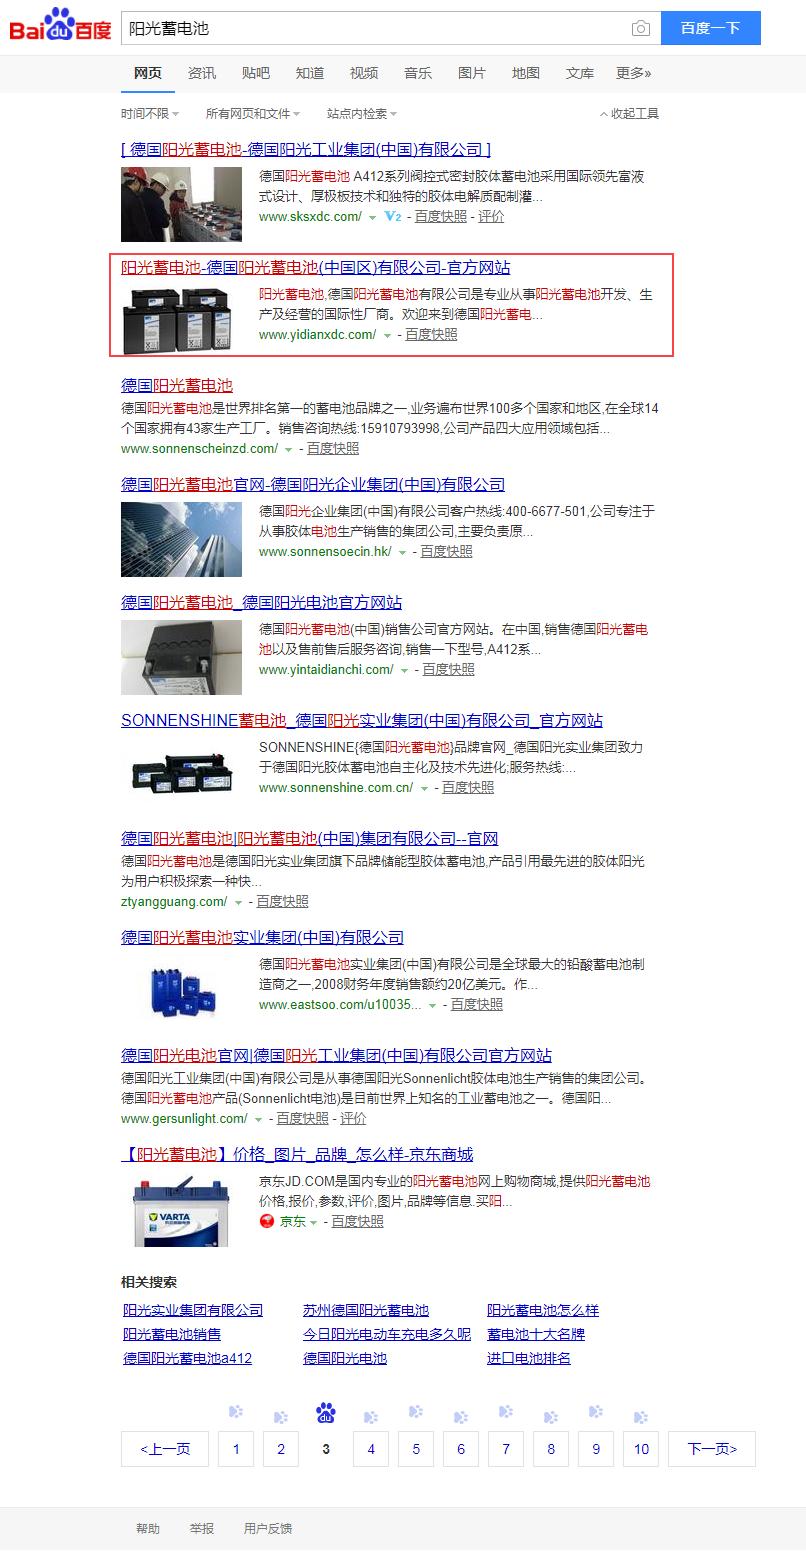 SEO排名优化案例-阳光蓄电池